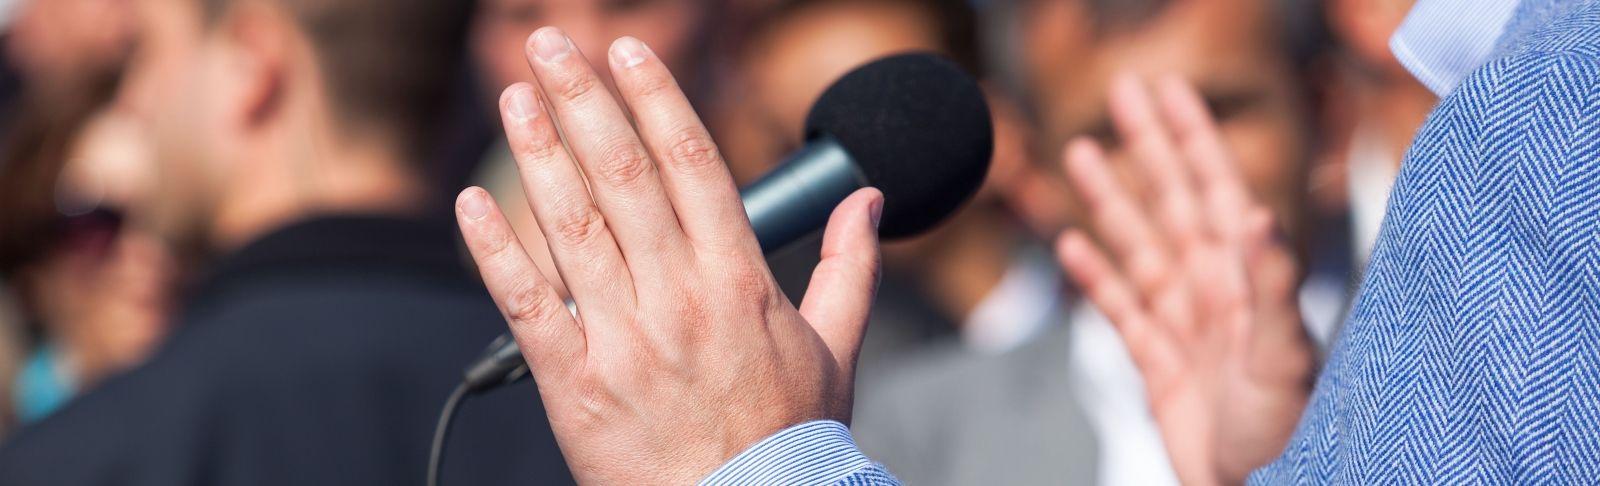 Les habilitats comunicatives del portaveu d'empresa es poden entrenar